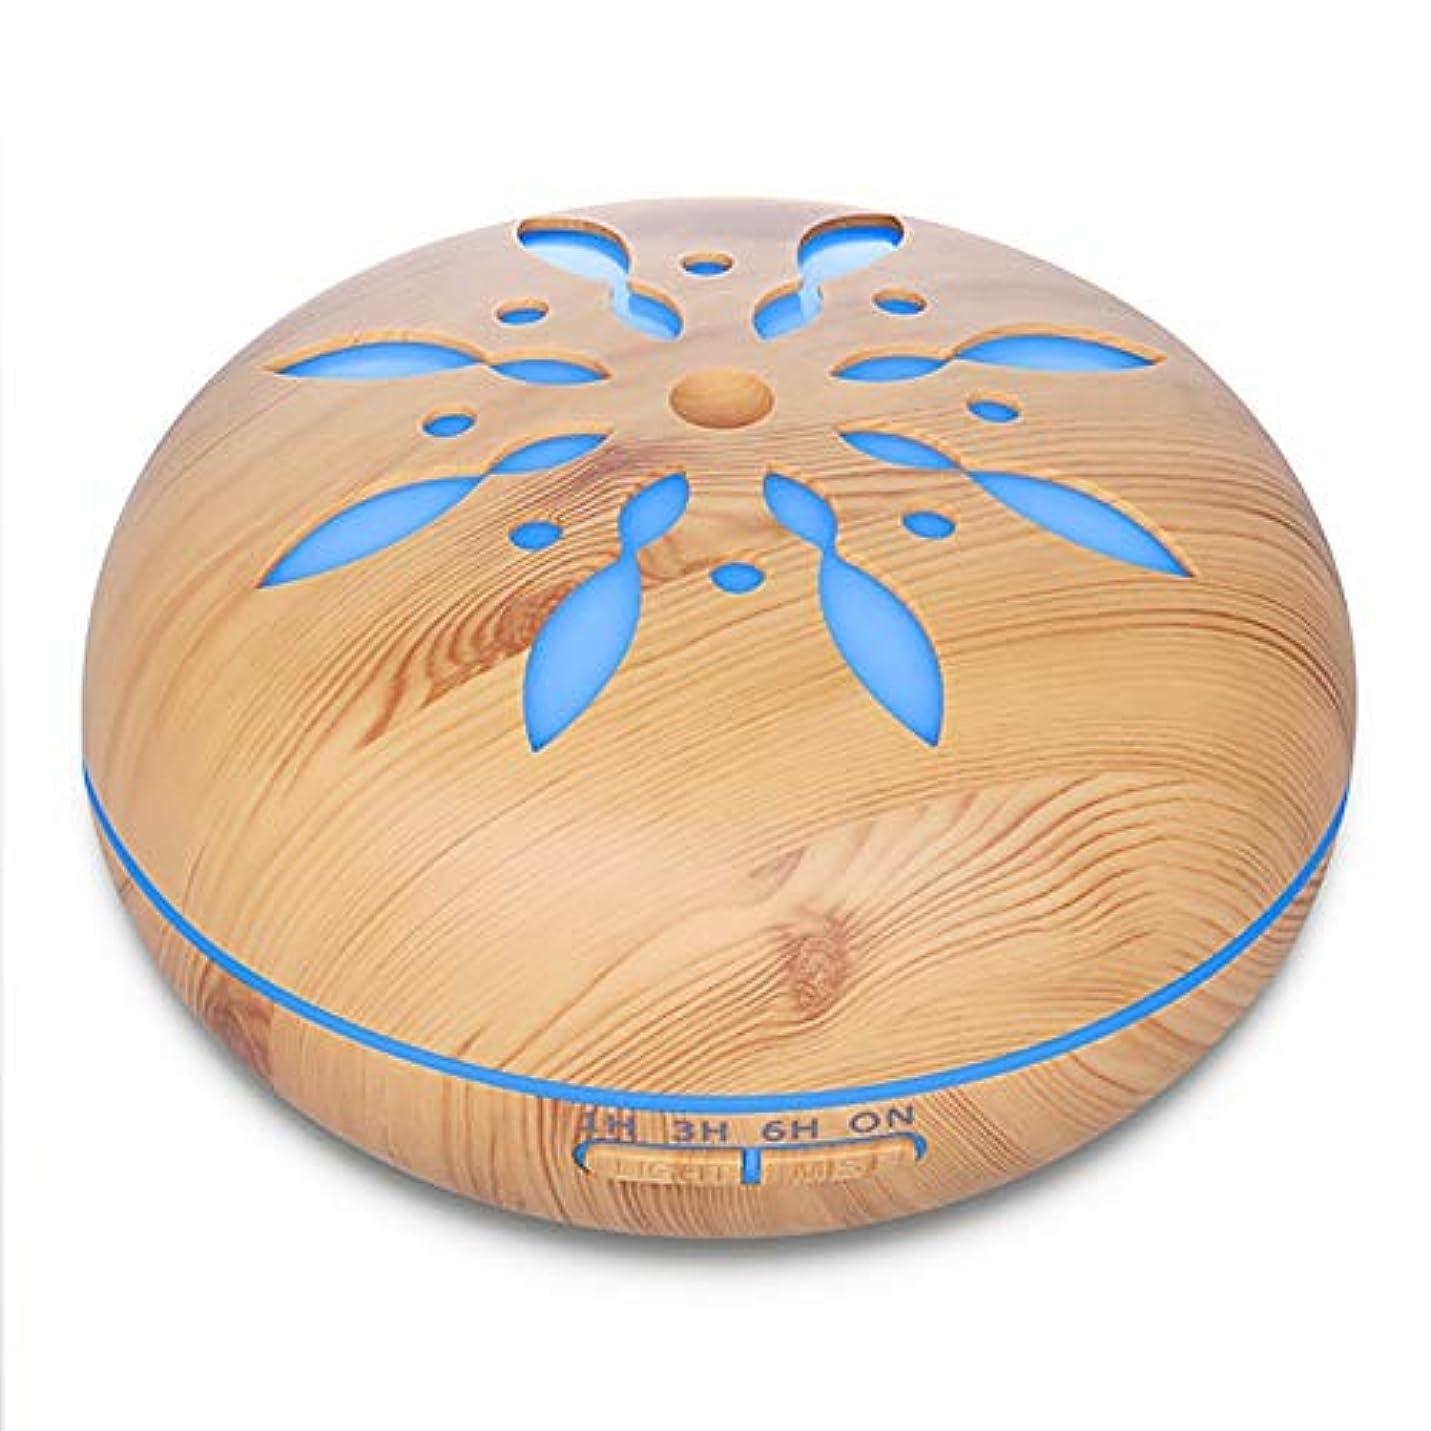 グリットペルソナ変なアロマセラピー超音波加湿器300ml エッセンシャルオイルディフューザー7色 LED 4 タイマー空気清浄ベビー加湿器ホームオフィスベビーベッドルーム